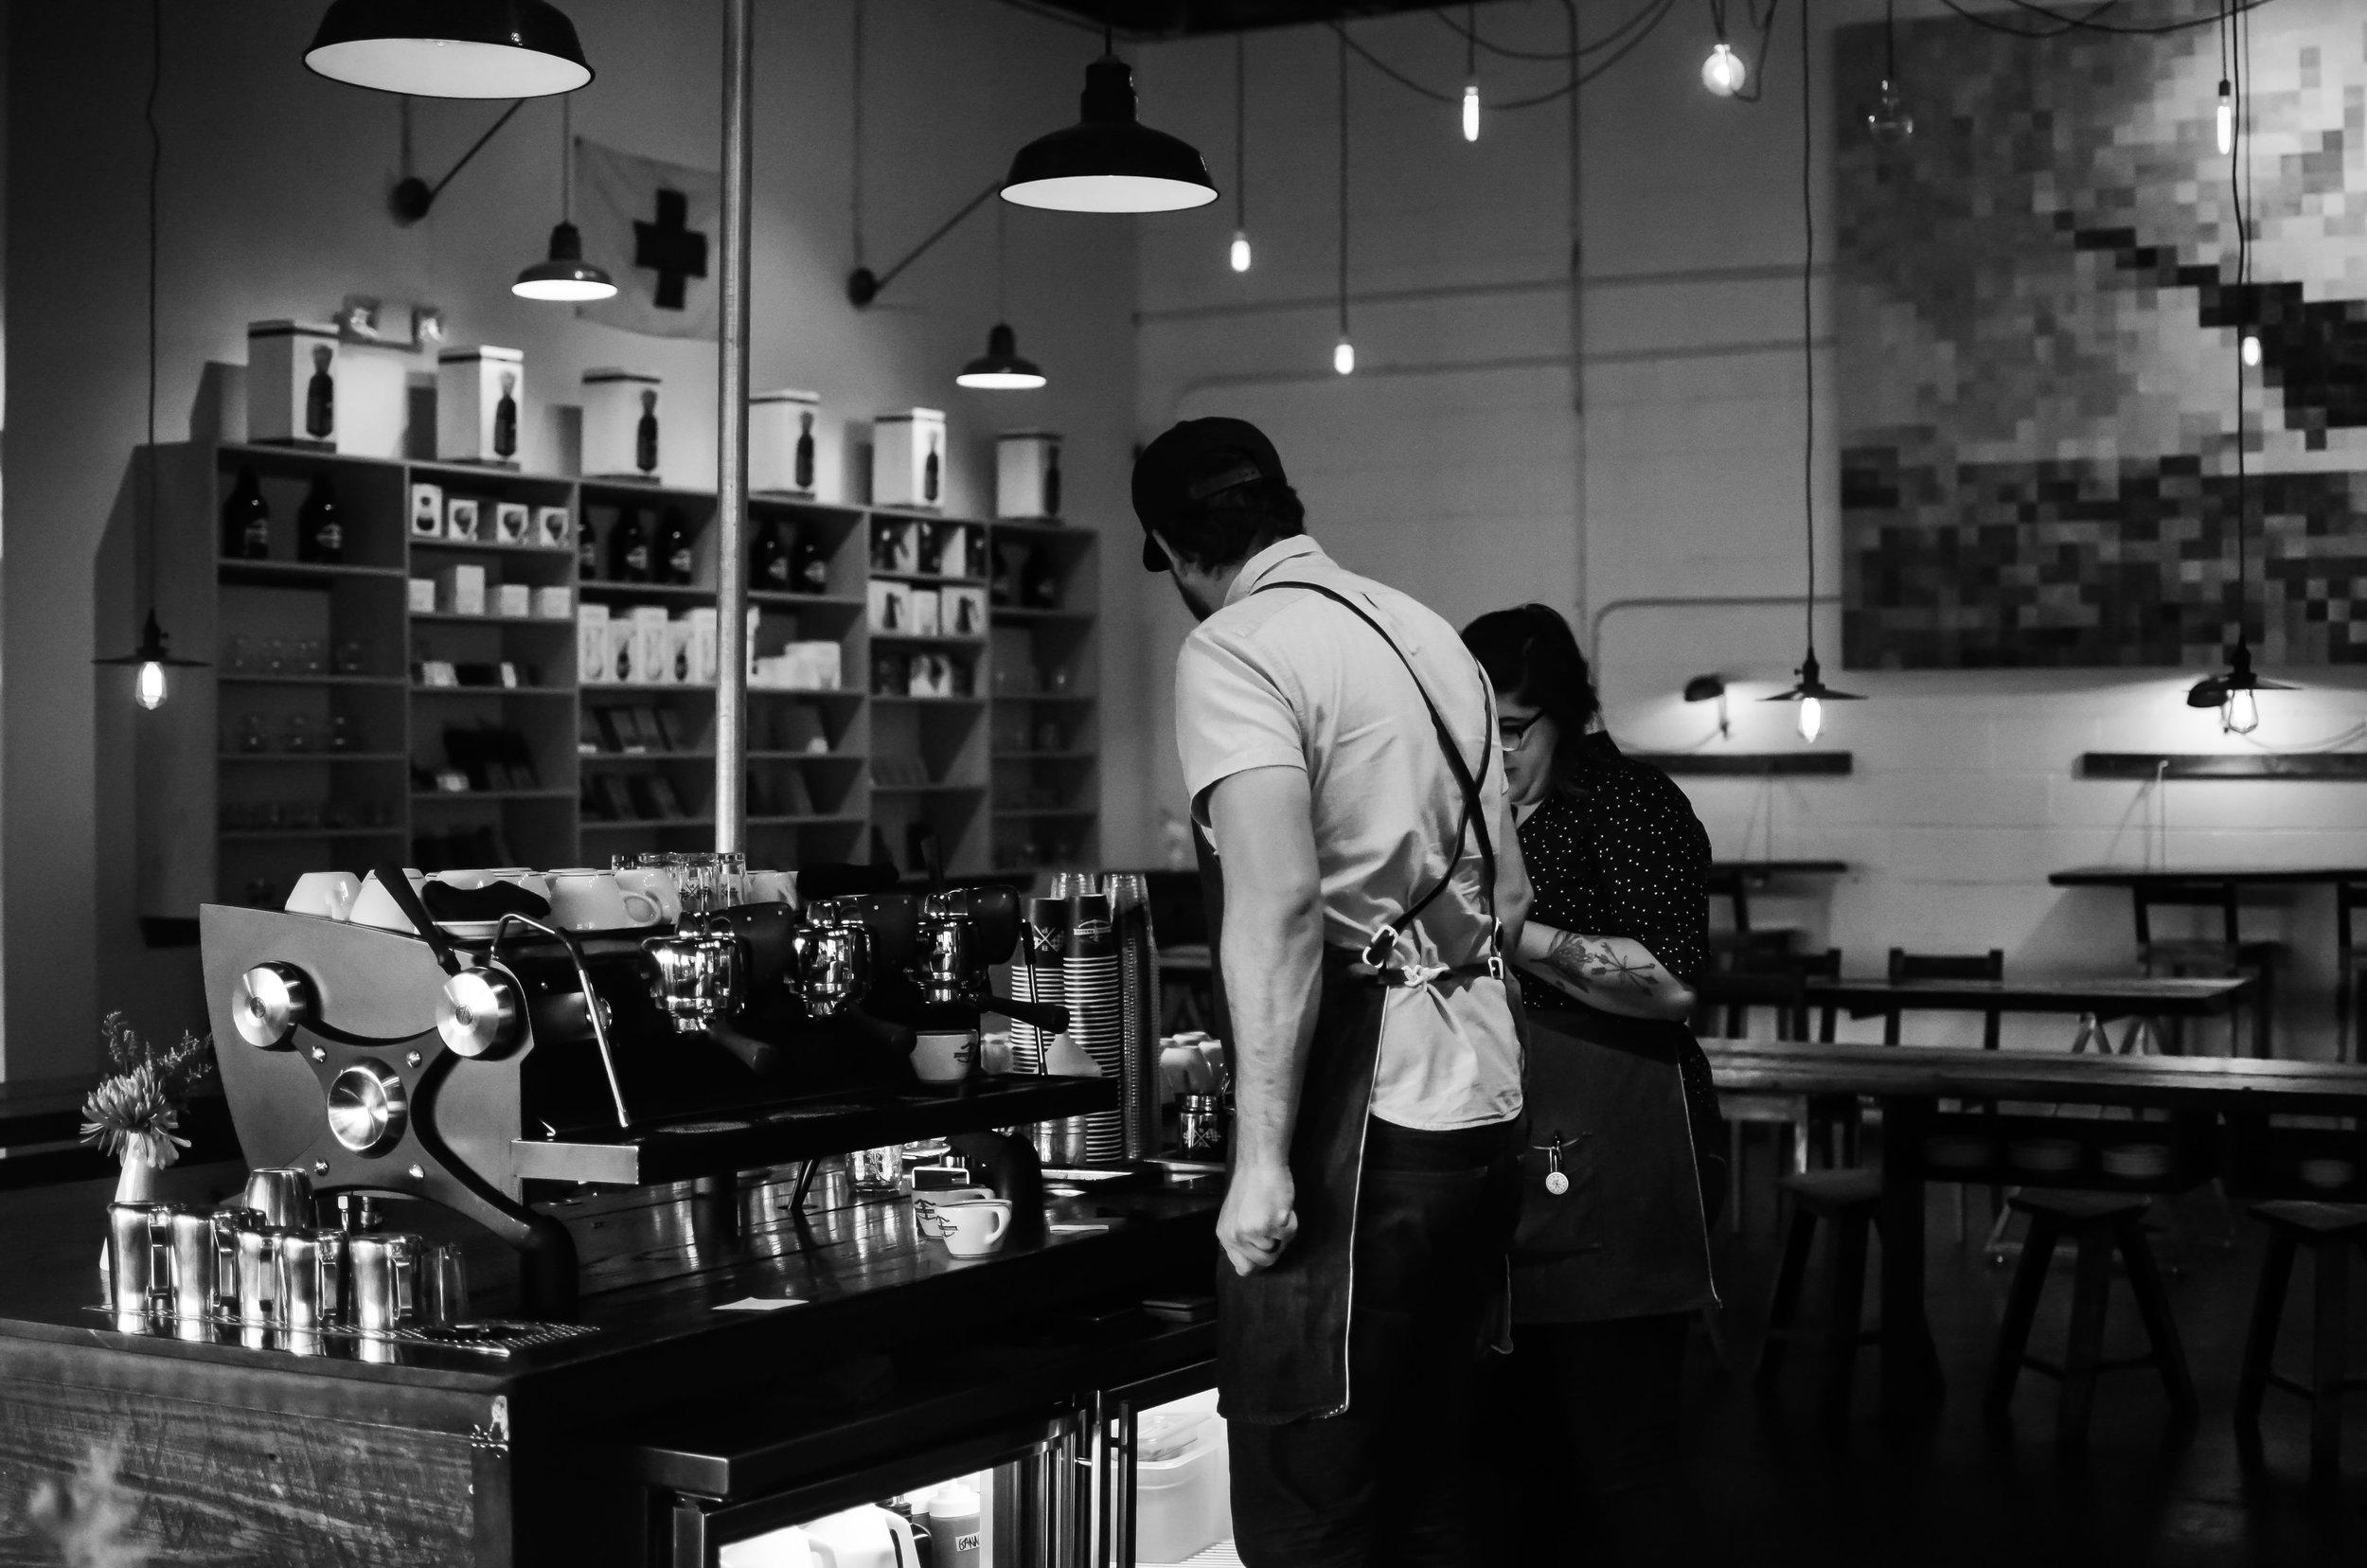 Wendling_Boyd_Barista_Parlor_Craft_Coffee_Culture-9.jpg